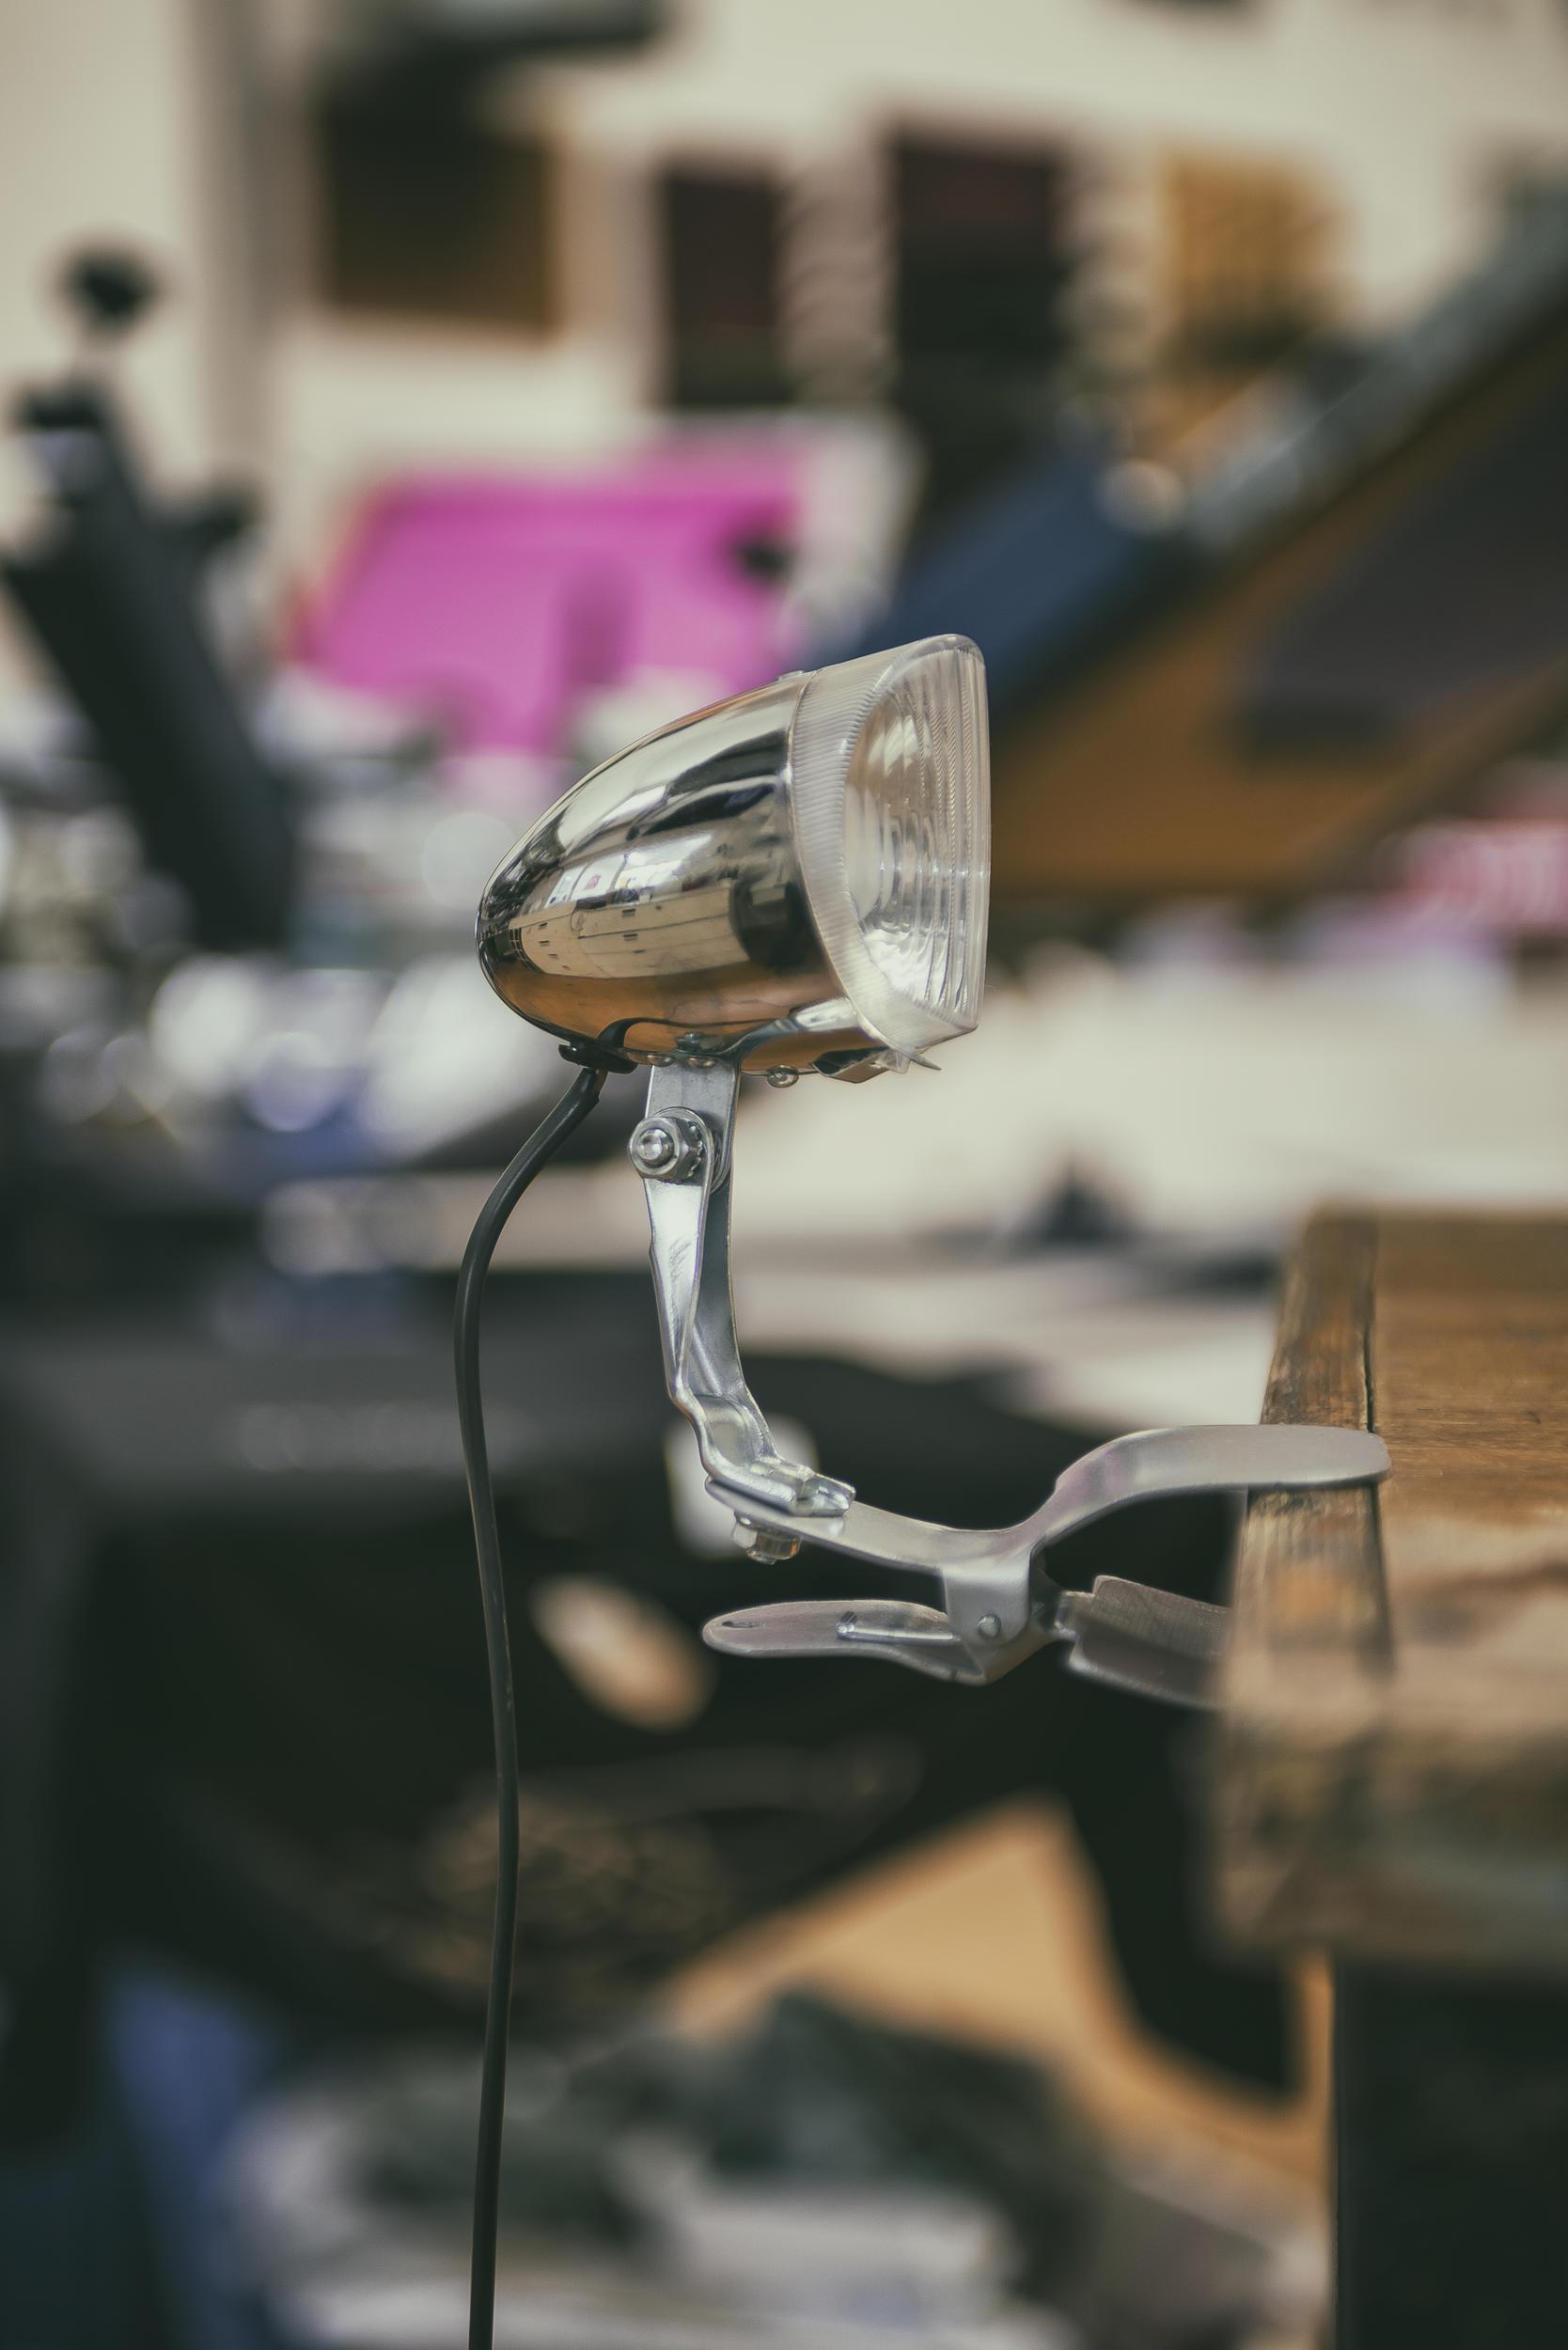 Fietslamp tafelklem voor verkoop